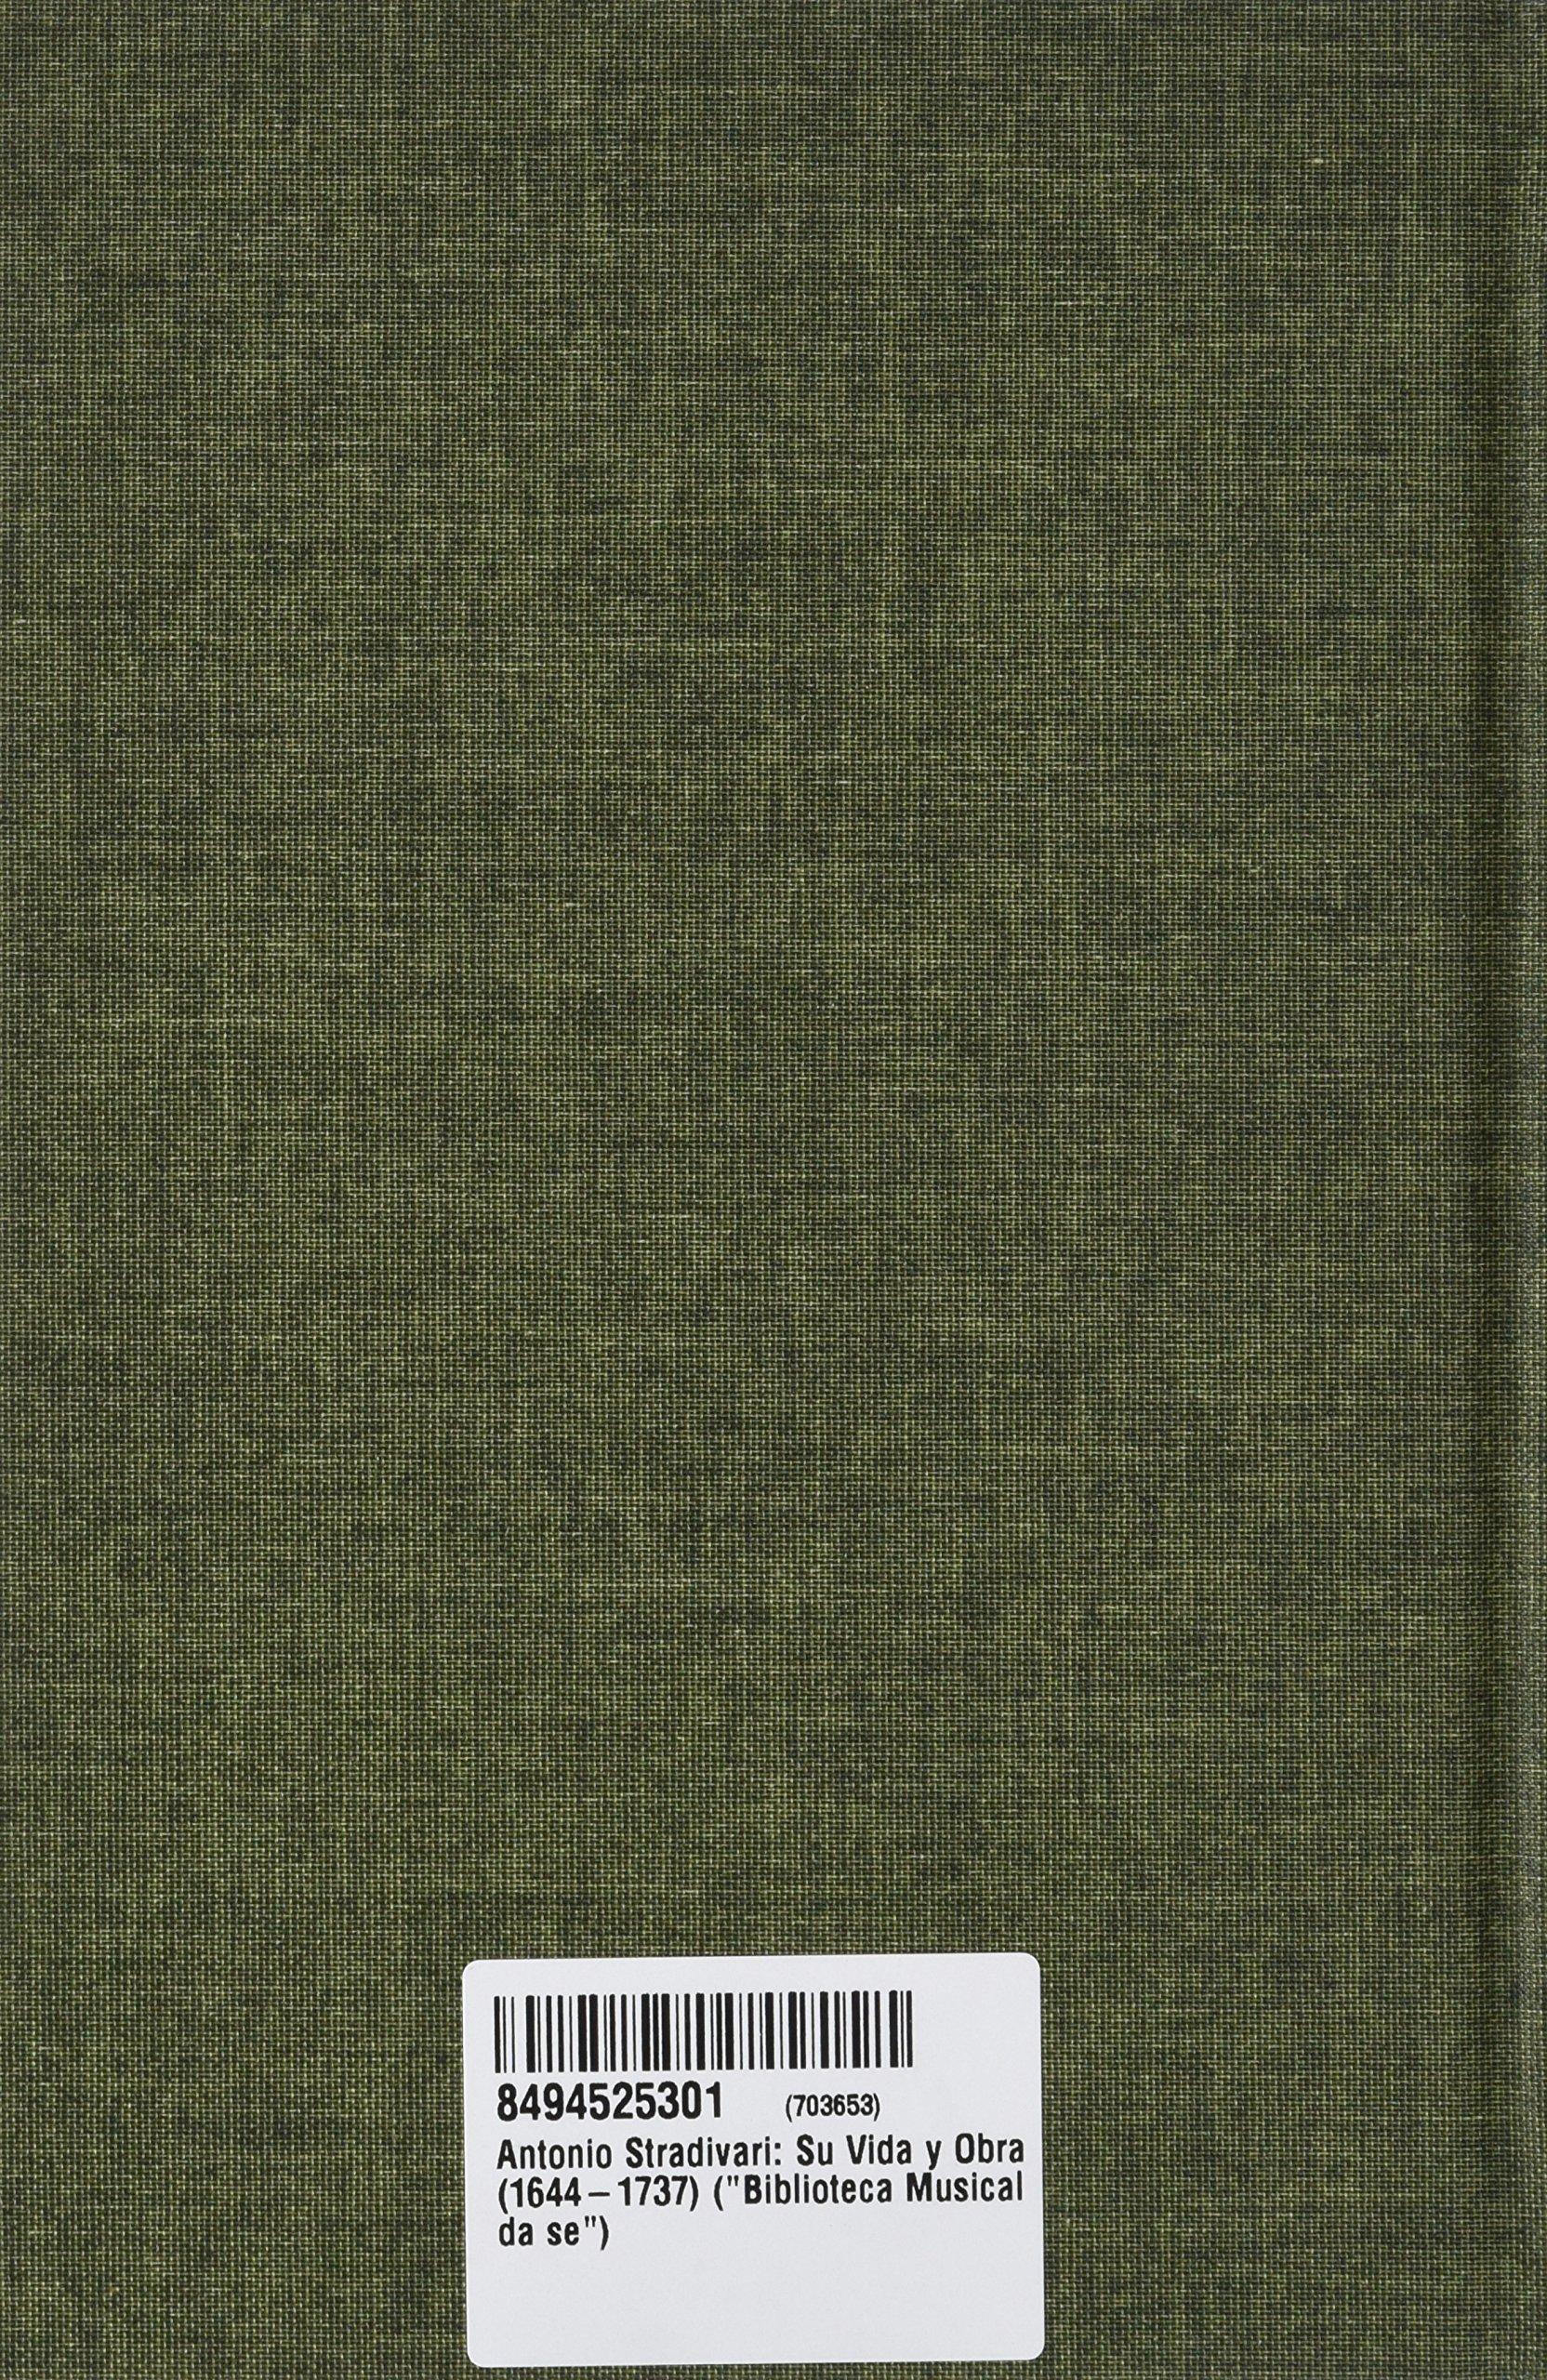 Antonio Stradivari: Su Vida y Obra 1644-1737 Biblioteca Musical da se: Amazon.es: Arthur F. Hill, Alfred E. Hill, W. Henri Hill, Henrique Lovat: Libros